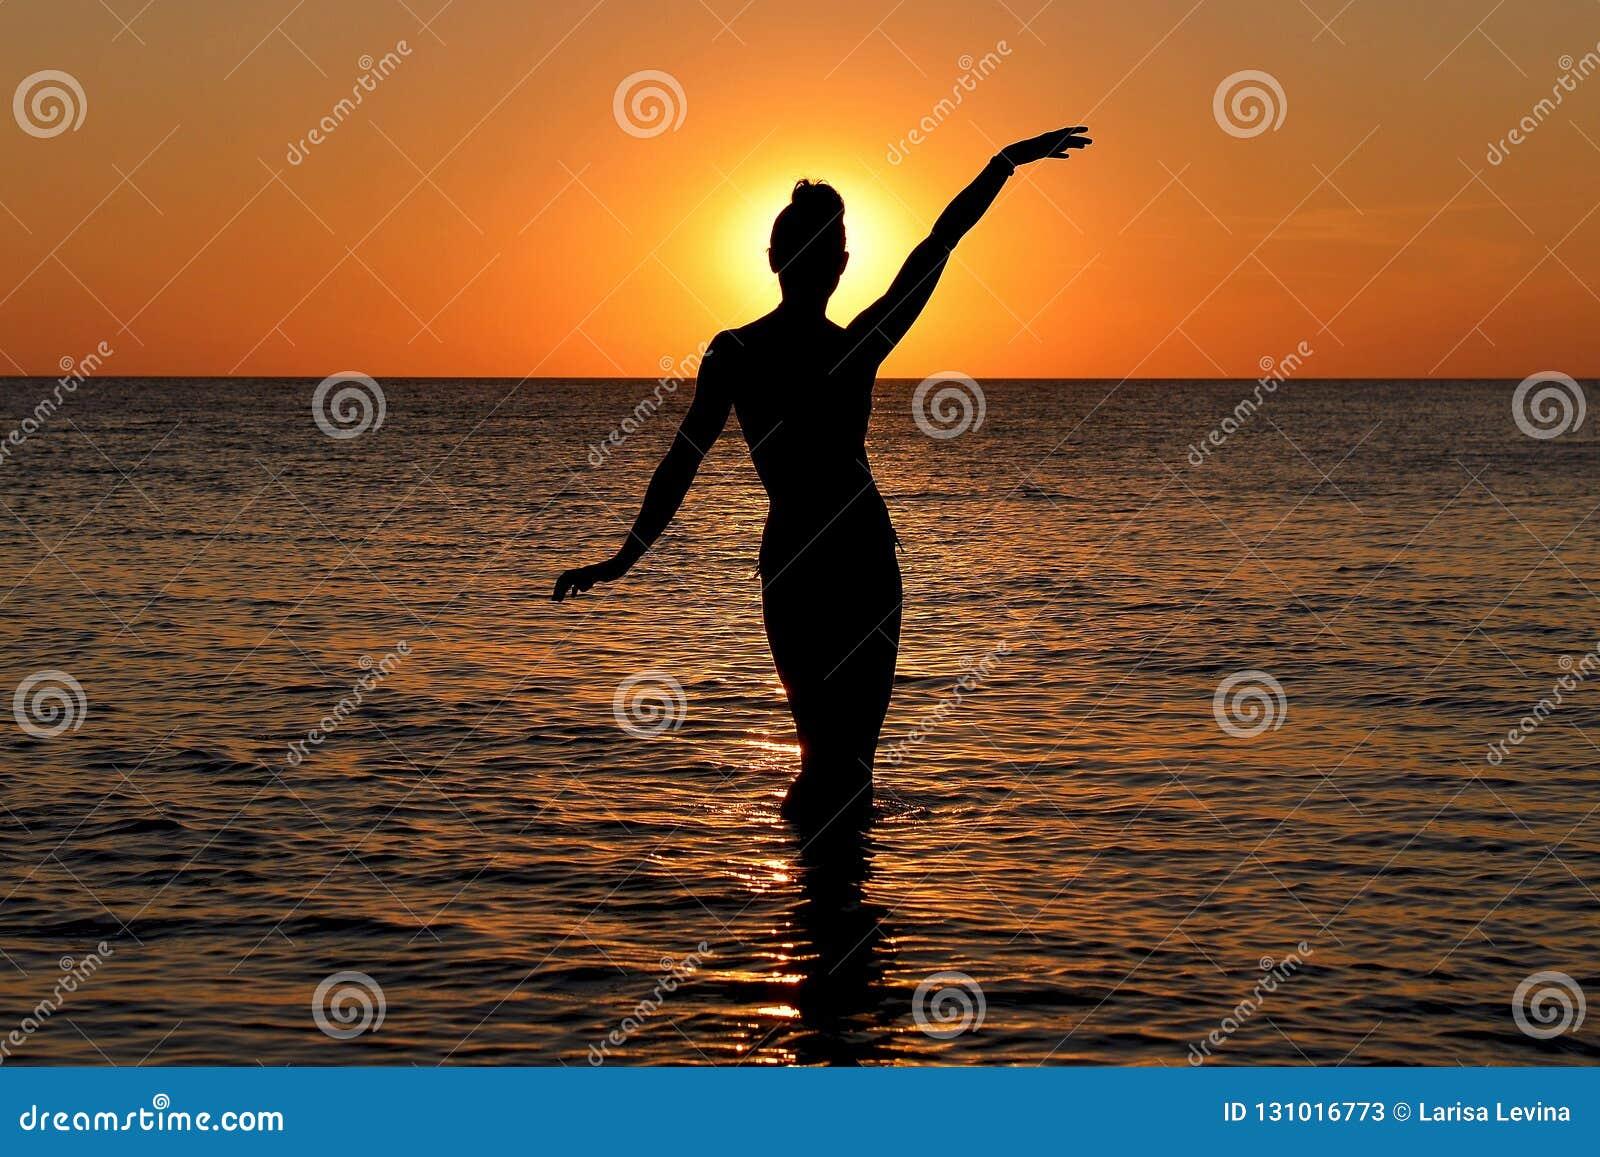 Σκιαγραφία ενός μυστήριου θηλυκού αριθμού για το υπόβαθρο του ηλιοβασιλέματος θάλασσας